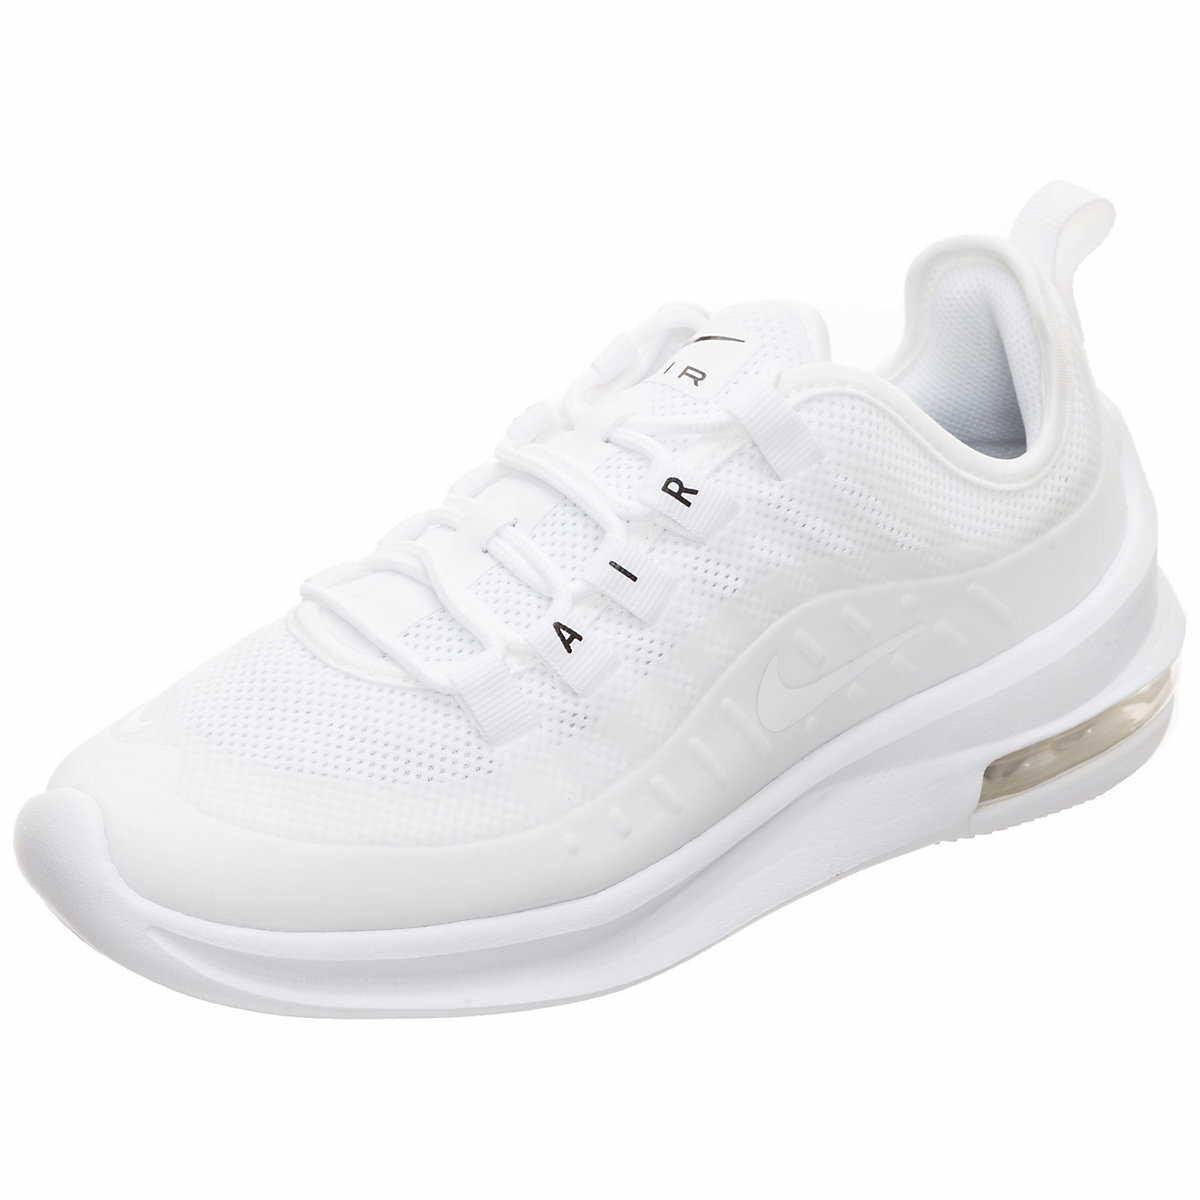 Nike Air Max Axis Trainers White Women 38  pIruIDV